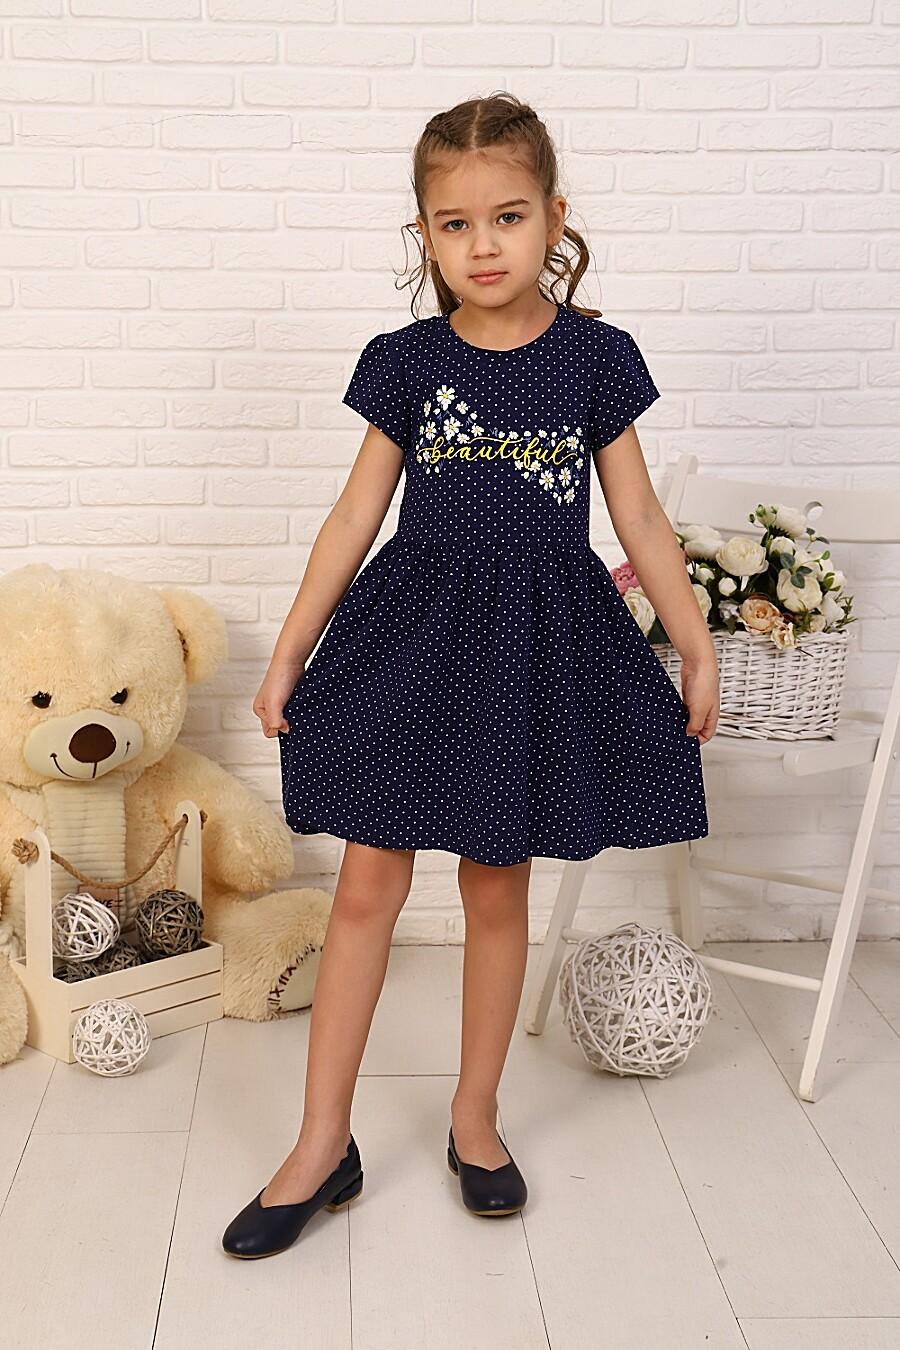 Платье Бисер детское для девочек НАТАЛИ 334790 купить оптом от производителя. Совместная покупка детской одежды в OptMoyo